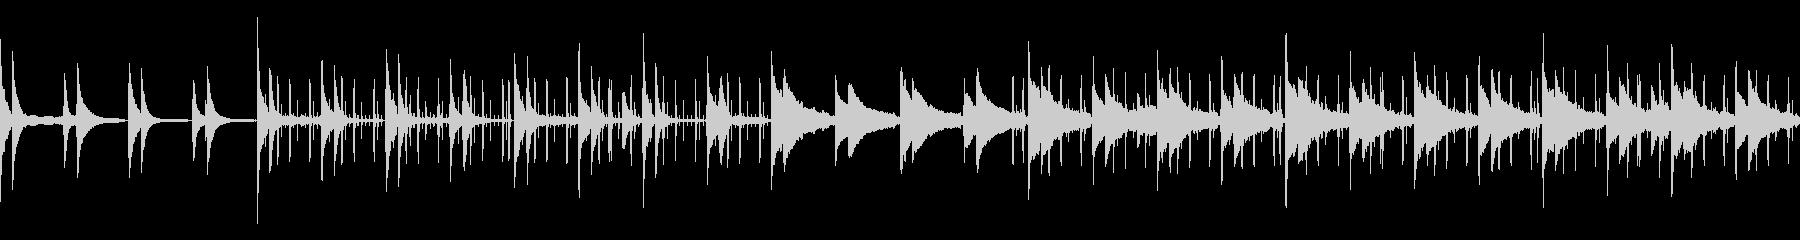 夜のくつろぎピアノビート(ループ仕様)の未再生の波形